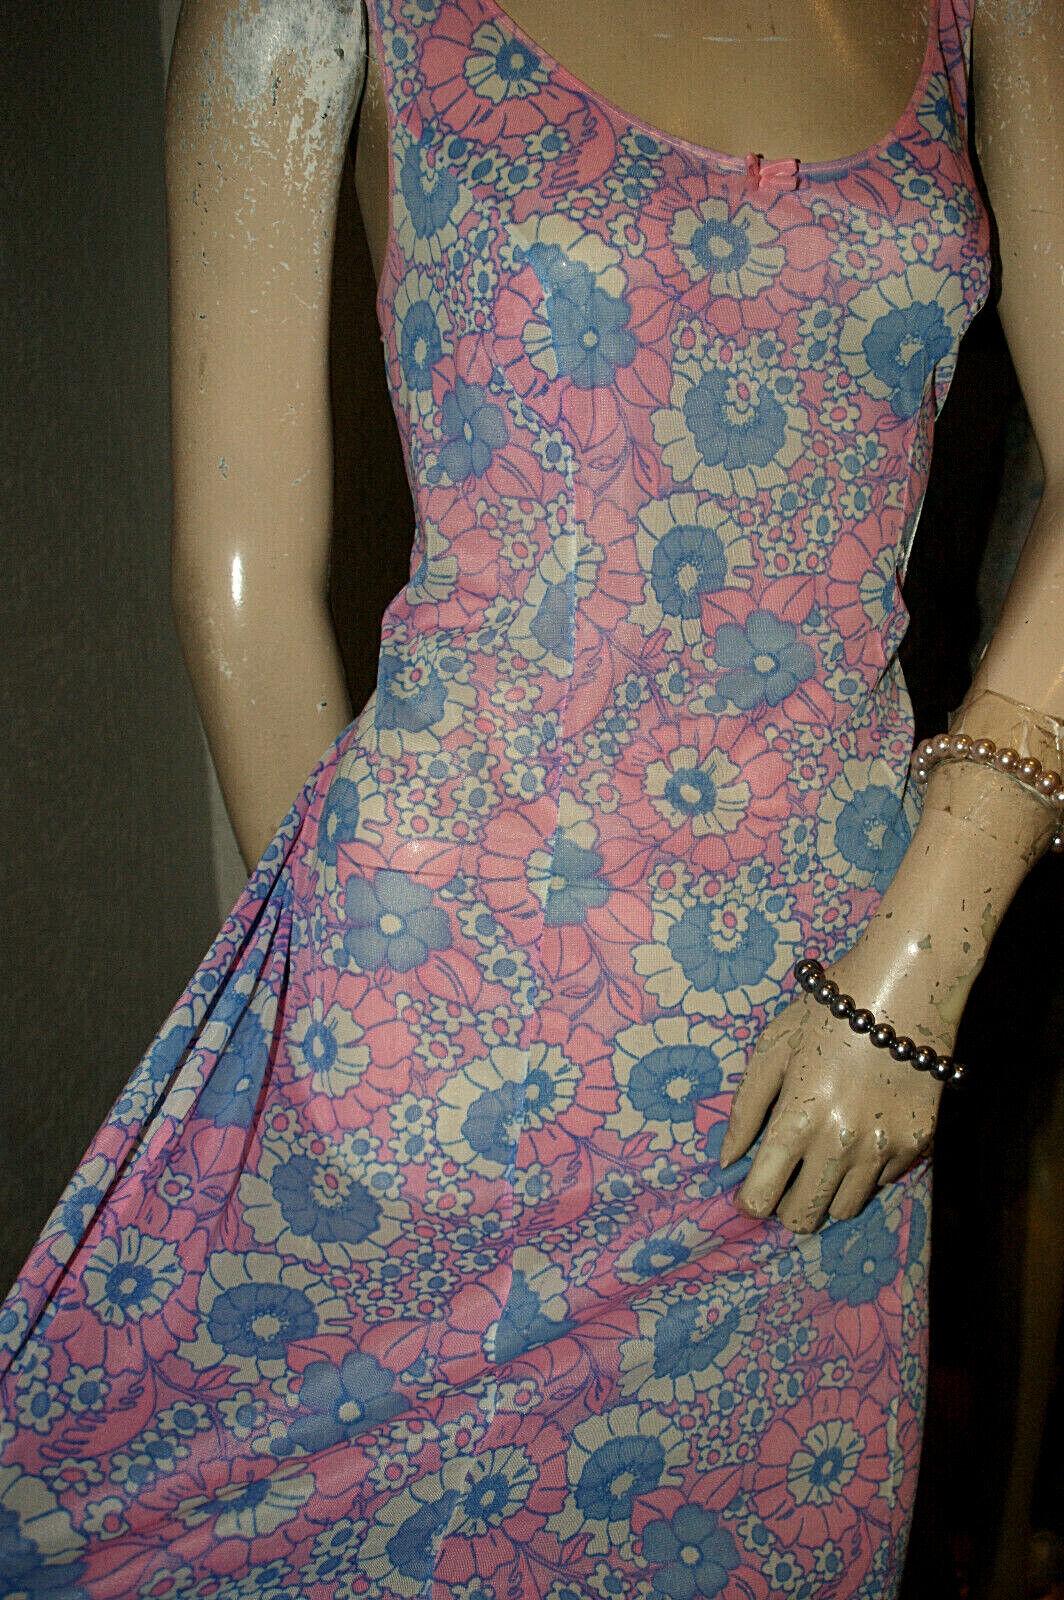 Himmelblau und rosarot~~ NYLON Unterkleid ~~zauberhaft geblümt seidenweich 48